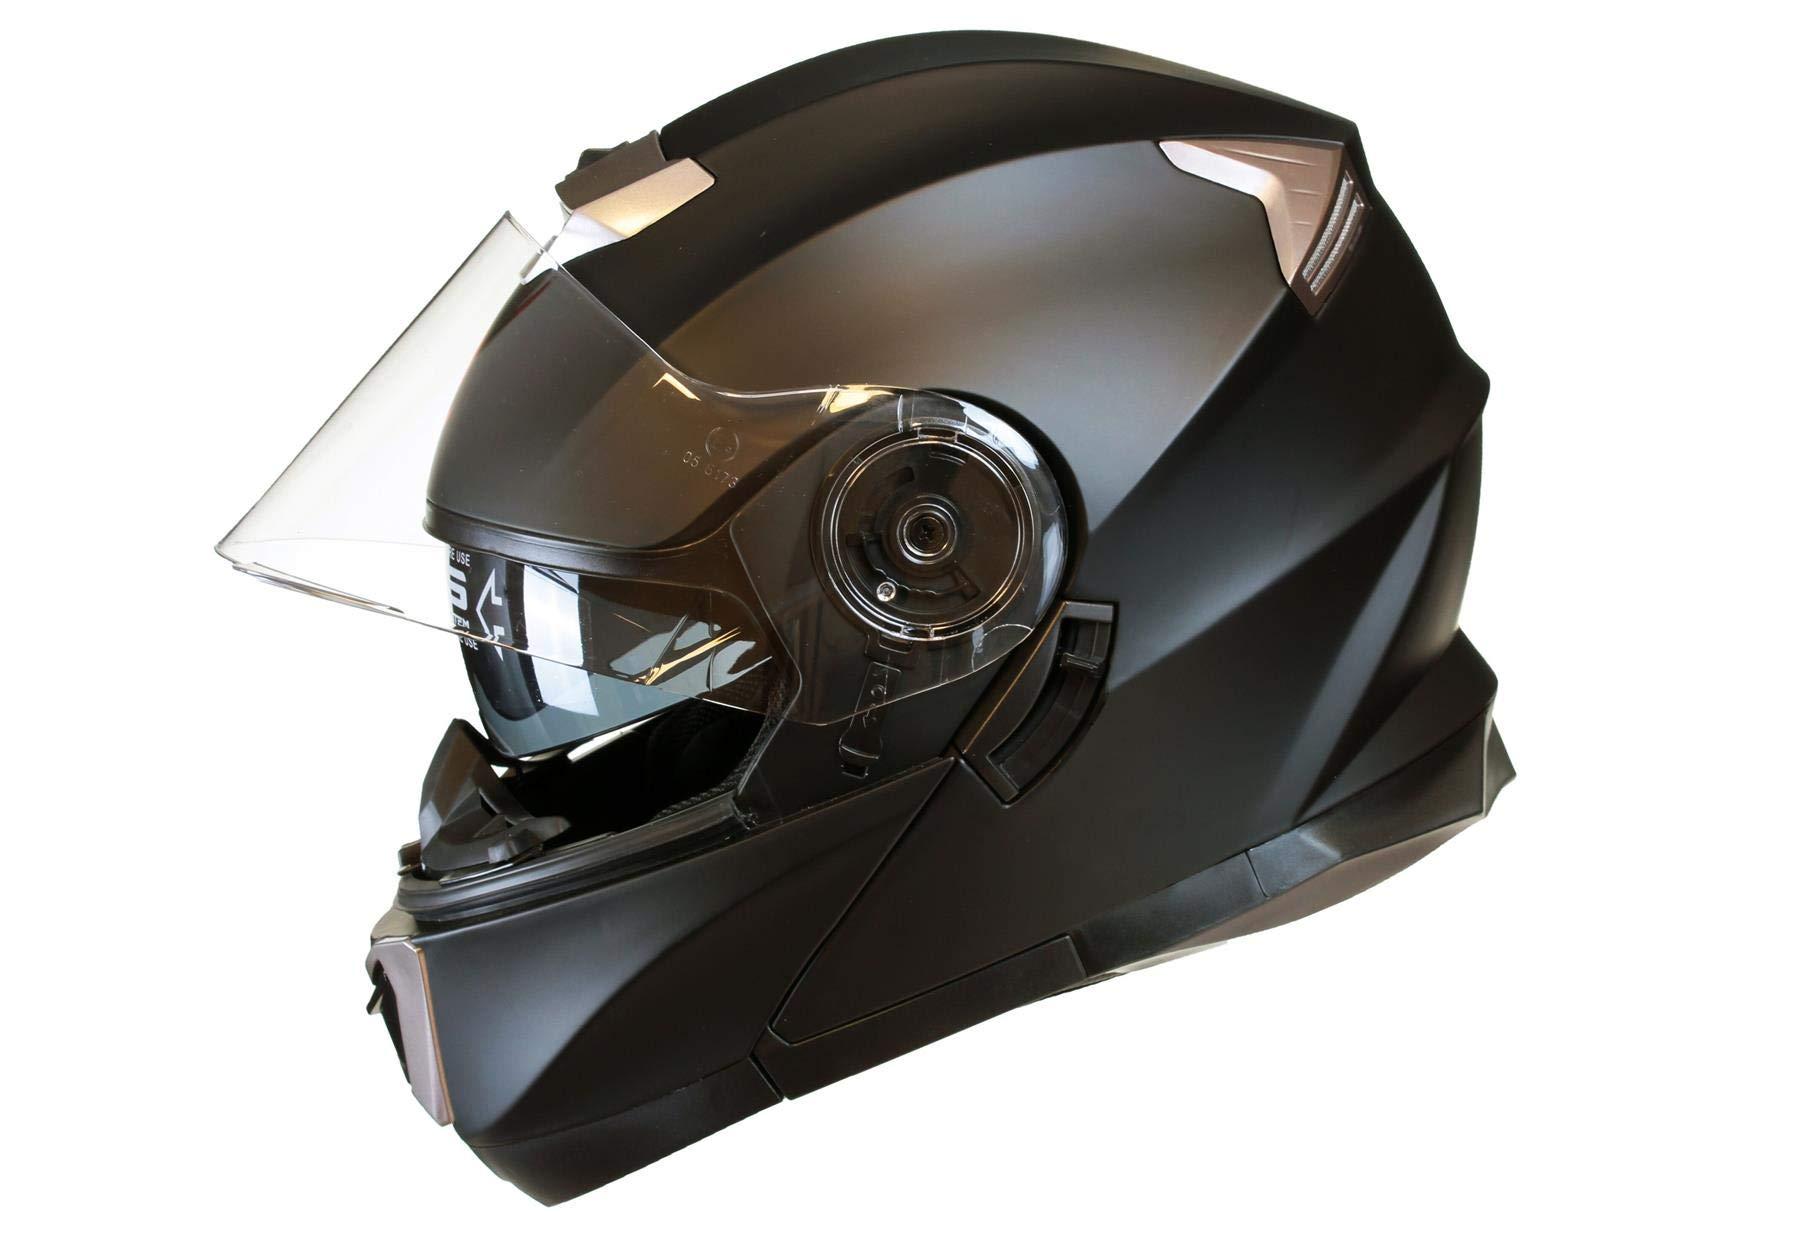 YEMA YM-829 ECE Helmet With Double Visor Sun Visor For Women Men Adult Black Matte M Motorcycle Helmet Full Face Helmet Scooter Helmet Fullface Helmet